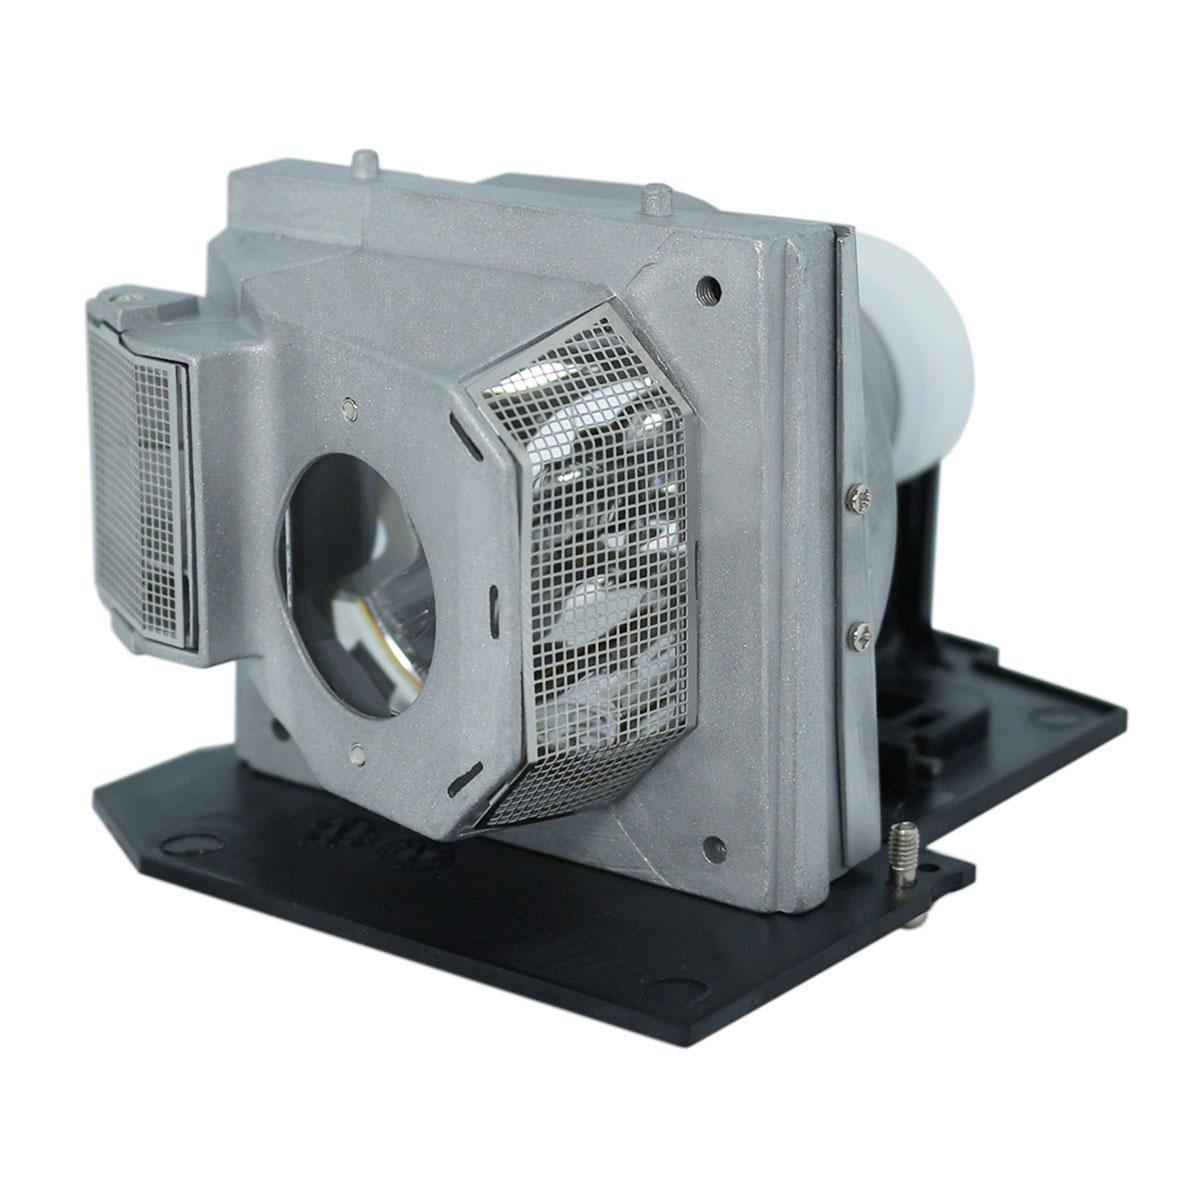 Infocus SP-LAMP-032 FP Lamp